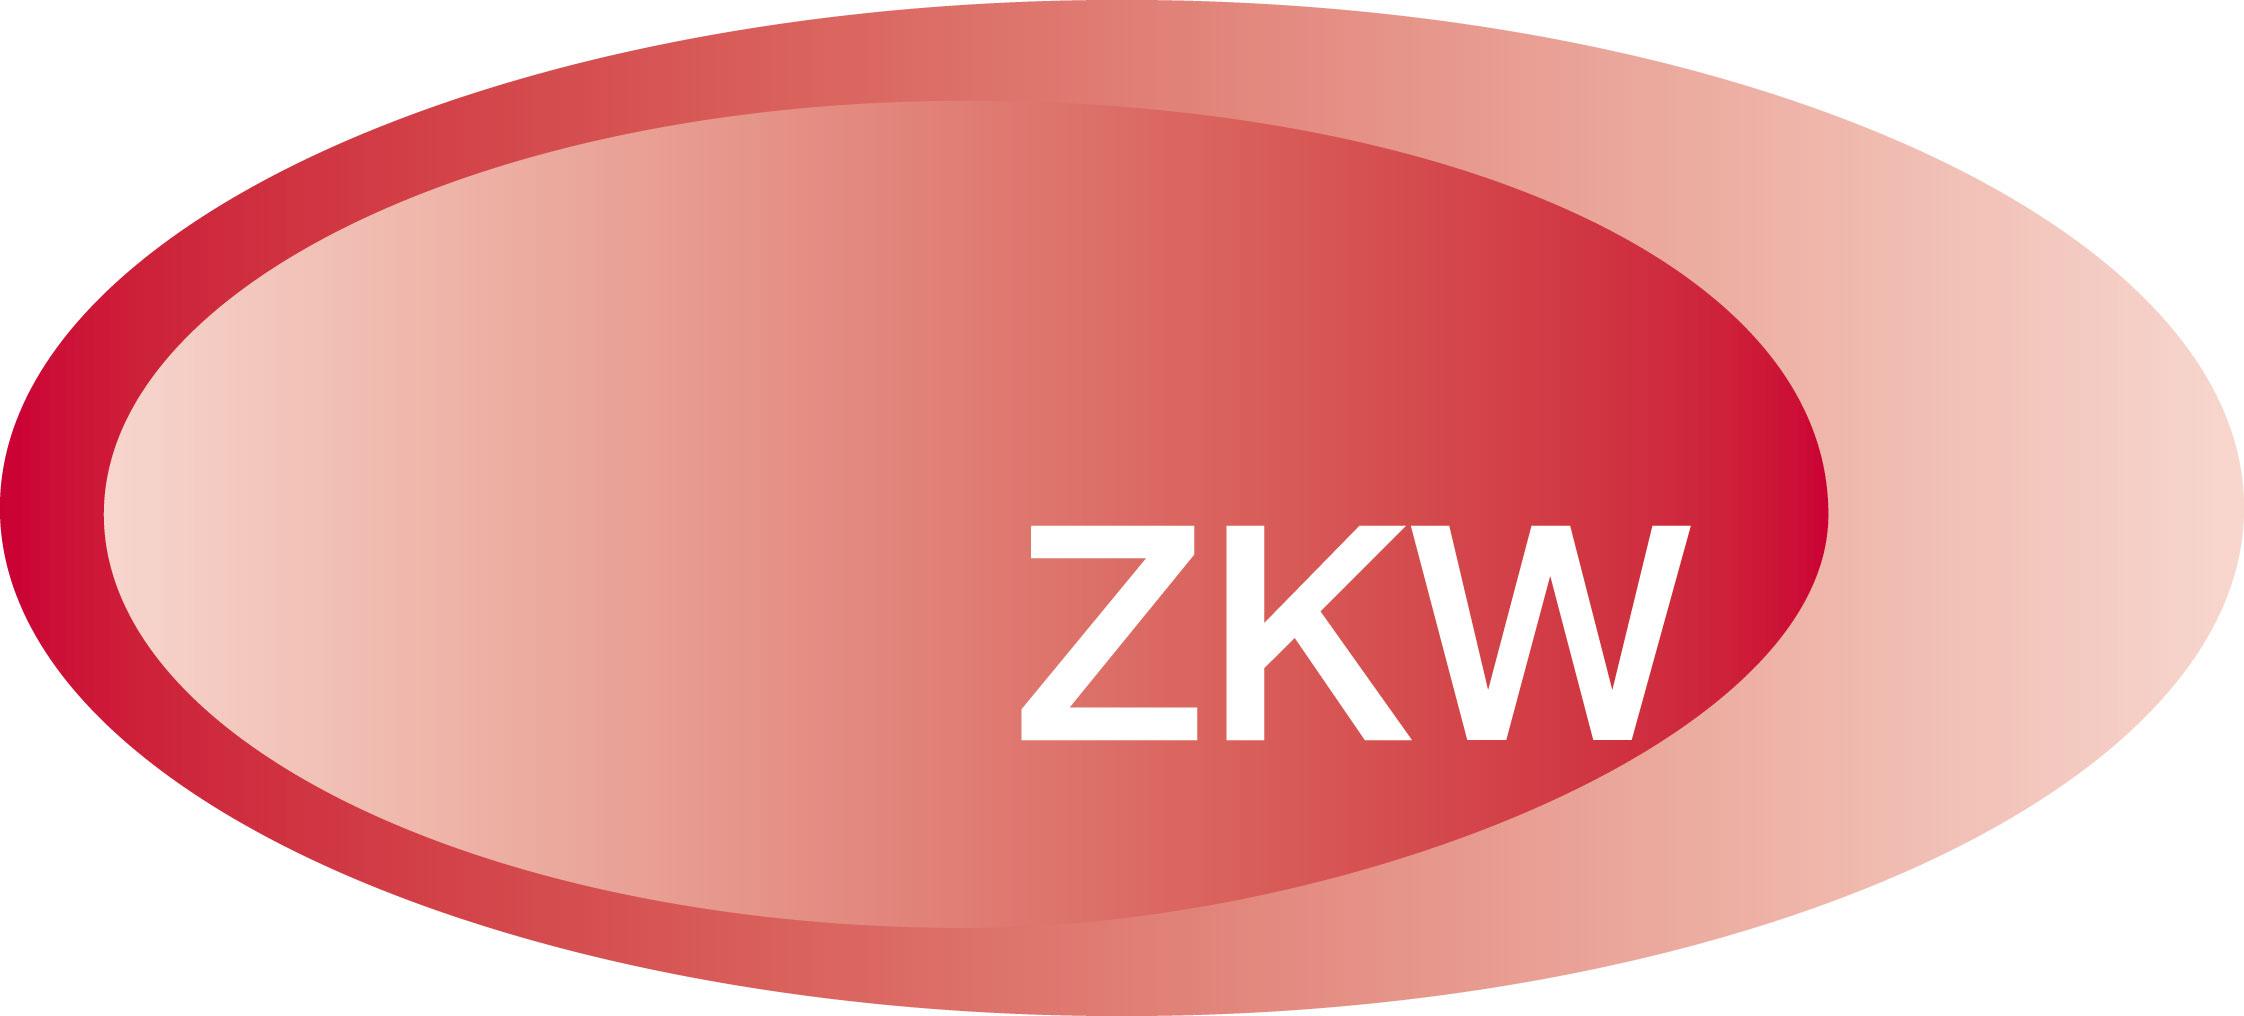 zkw_logo